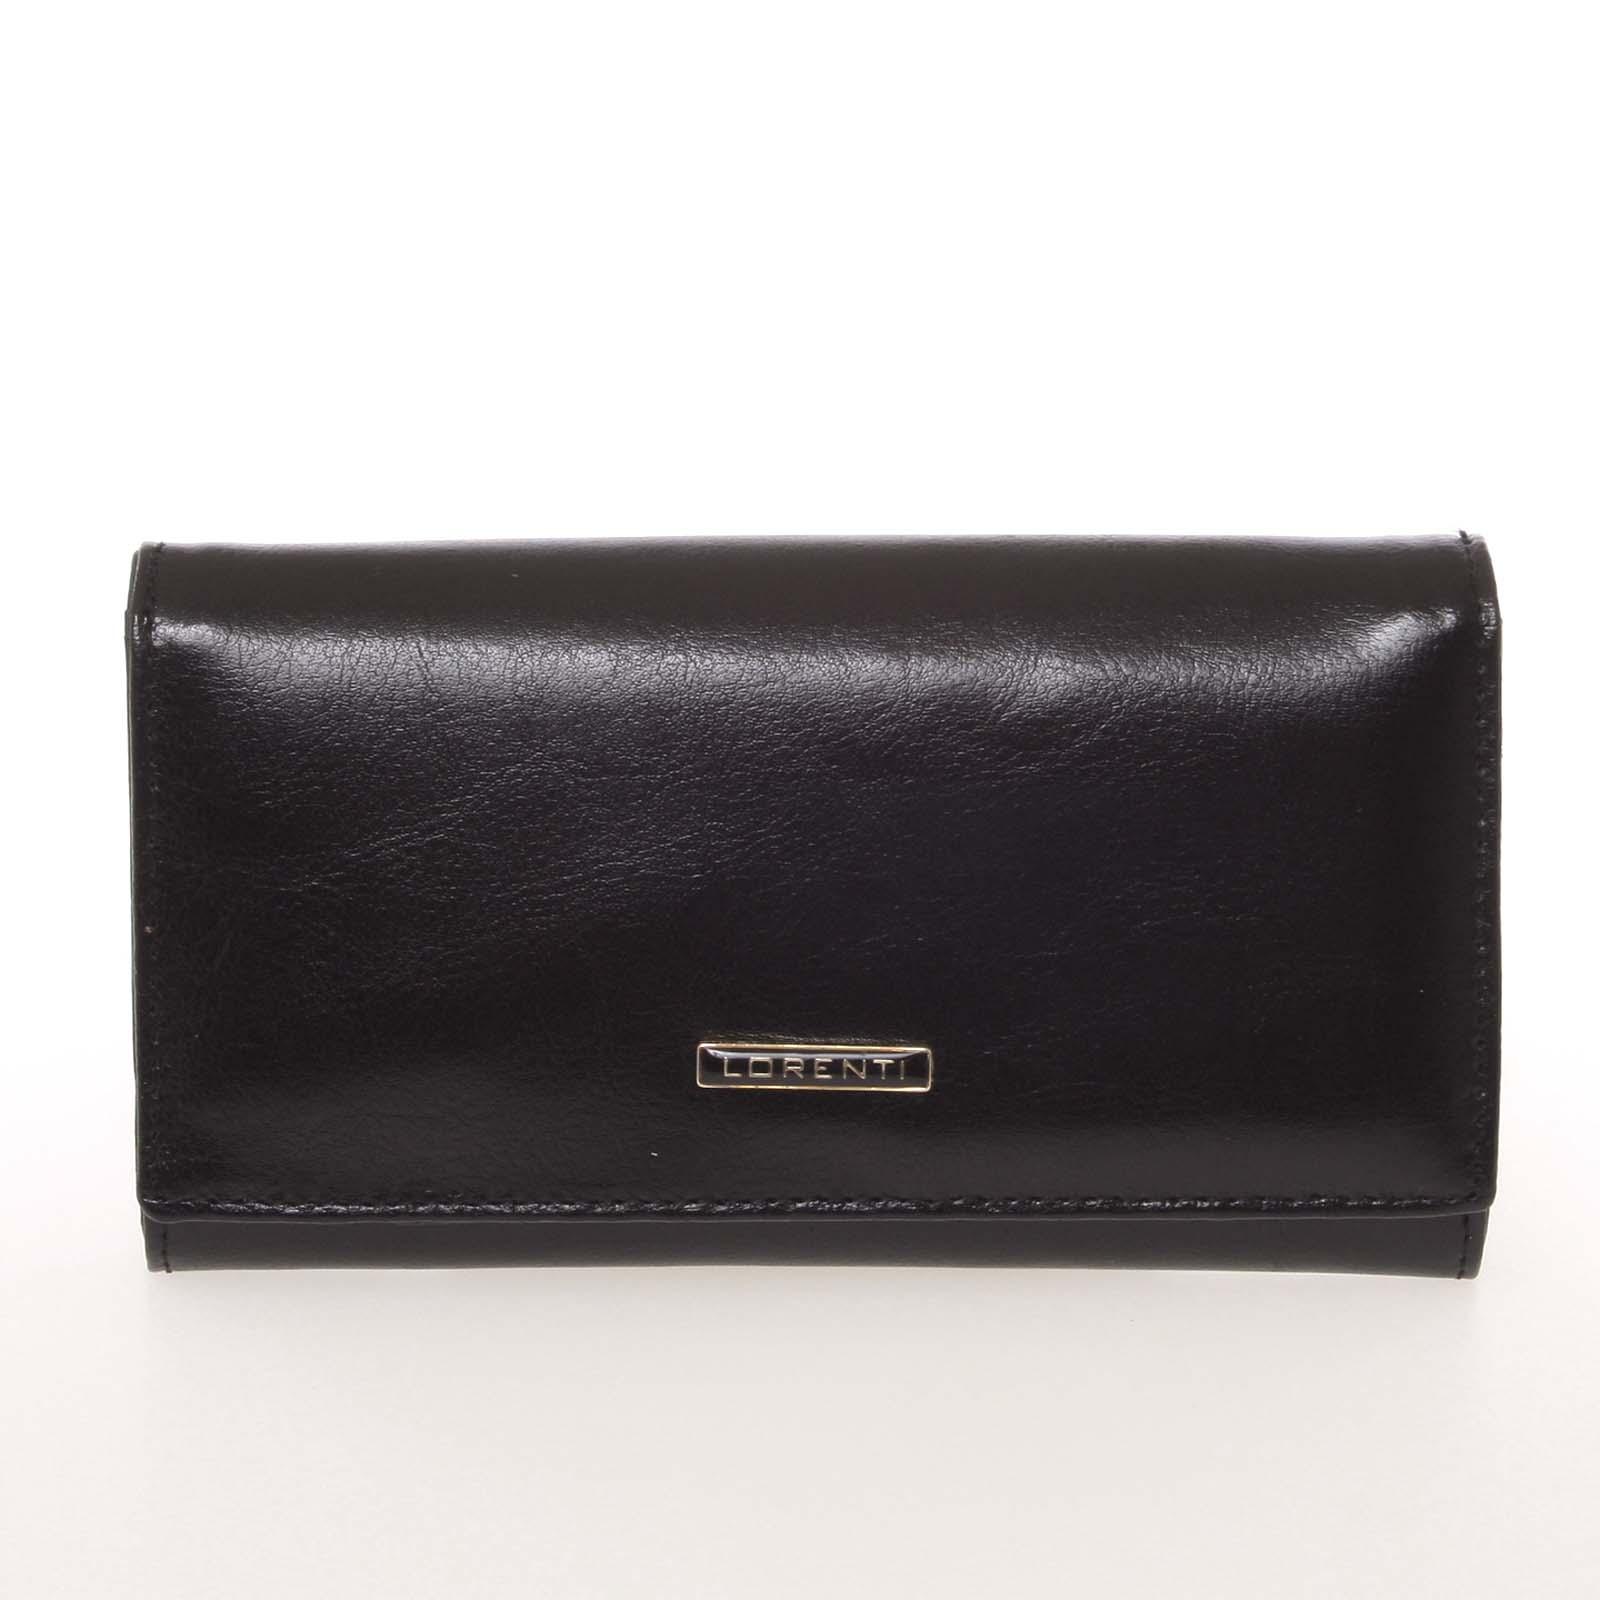 Módní dámská matná kožená peněženka černá - Lorenti GF112SL